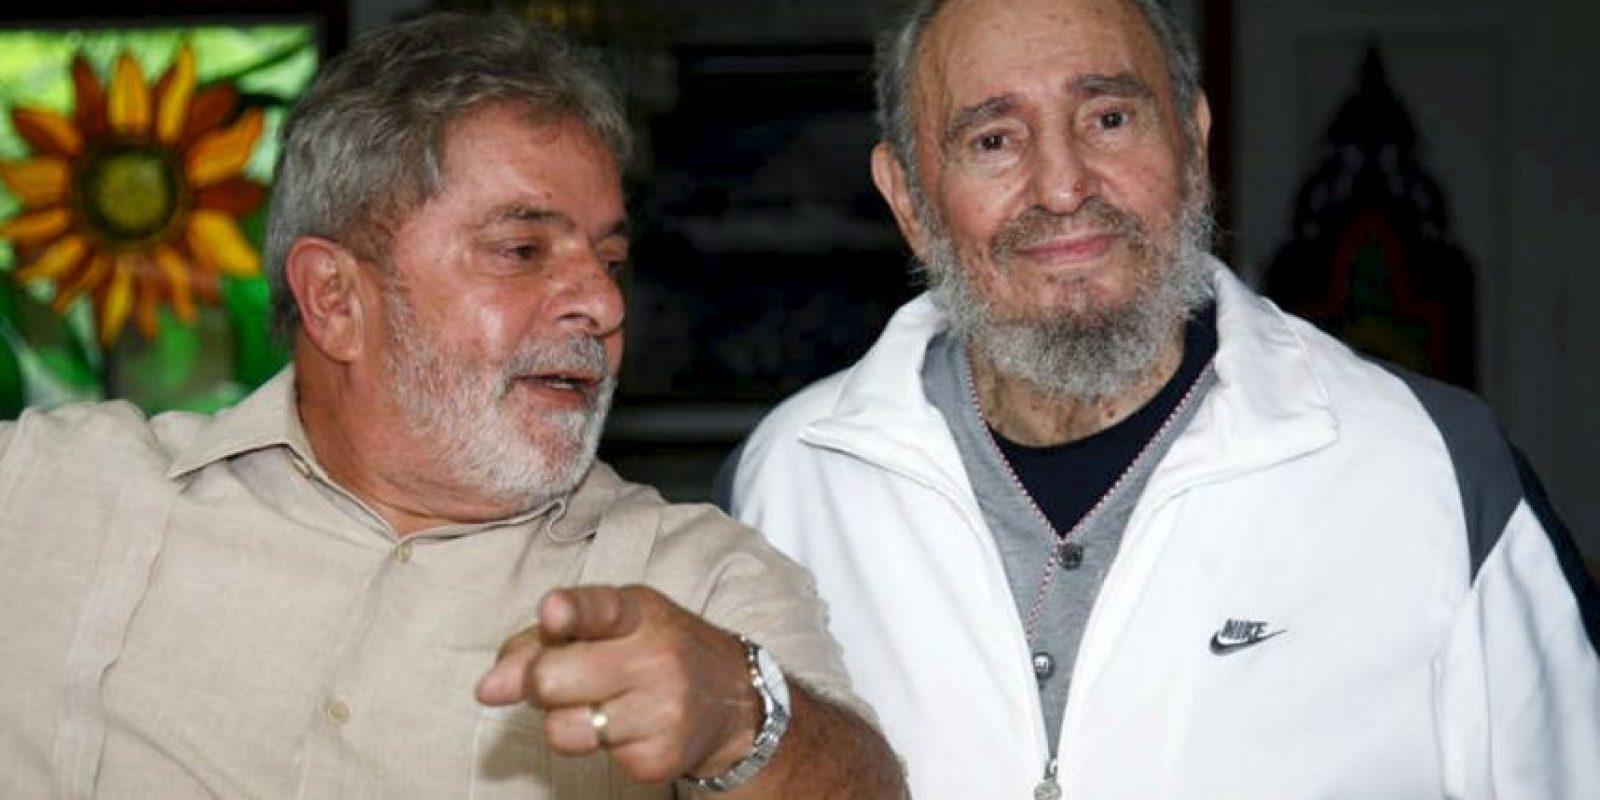 Fidel Castro es reconocido por su capacidad de oratoria. Aquí recordamos algunas de sus frases Foto:Getty Images